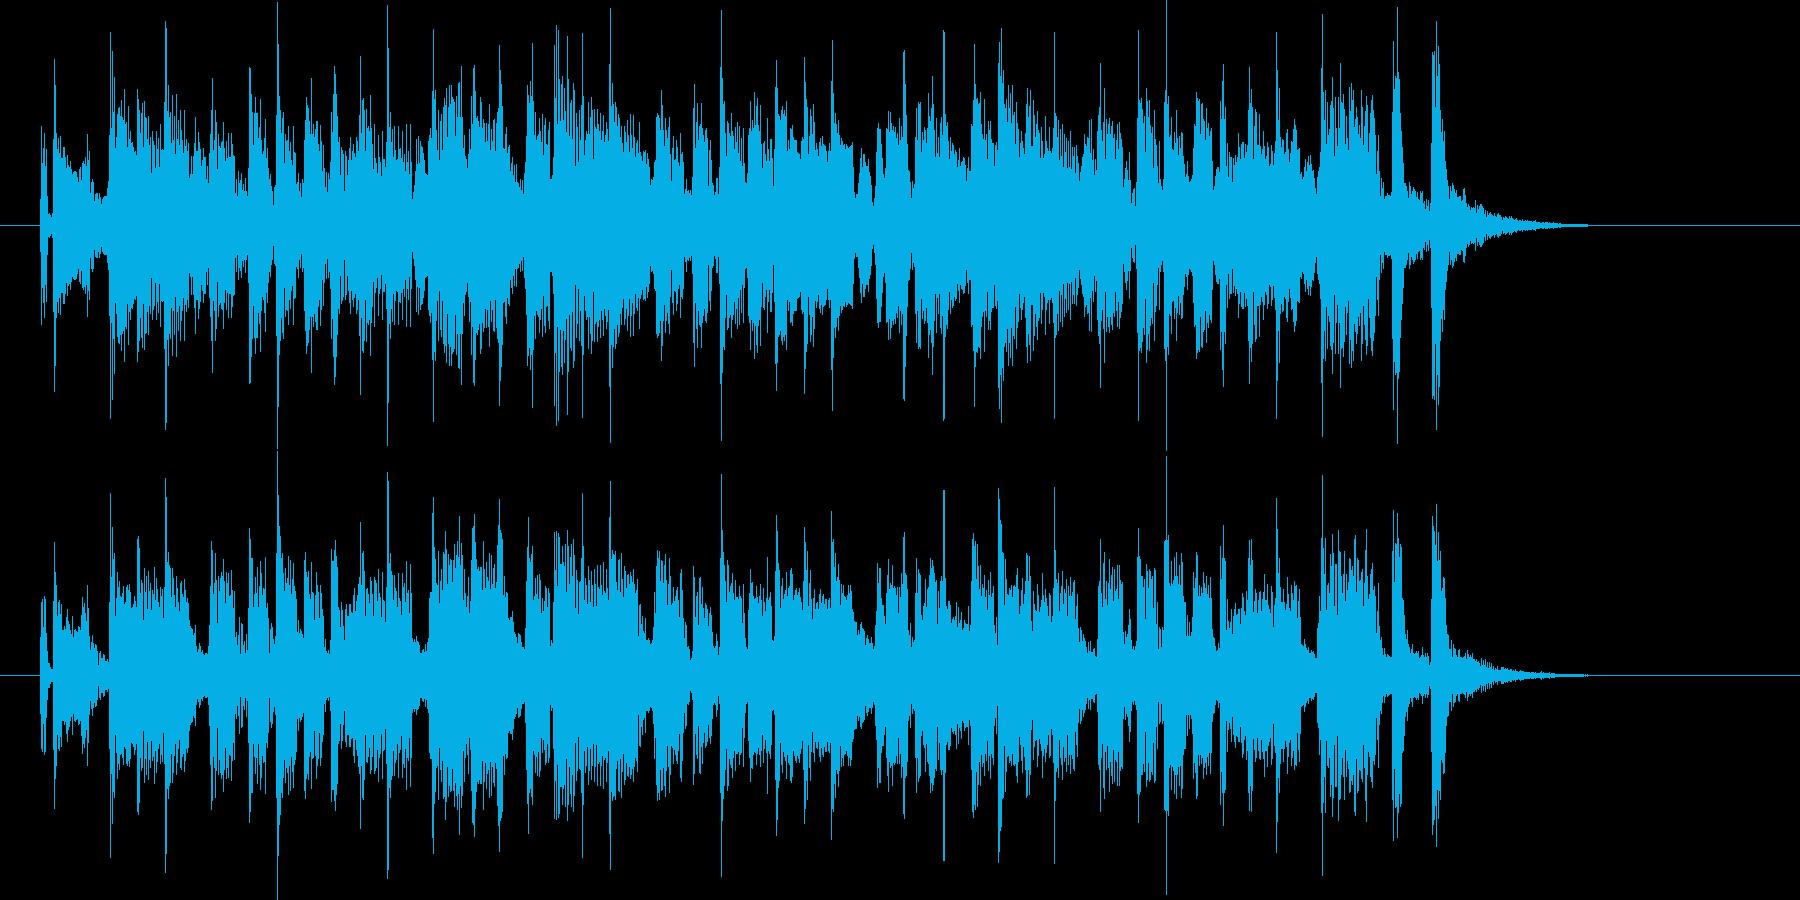 楽しく元気なメロディがわくわくするポップの再生済みの波形